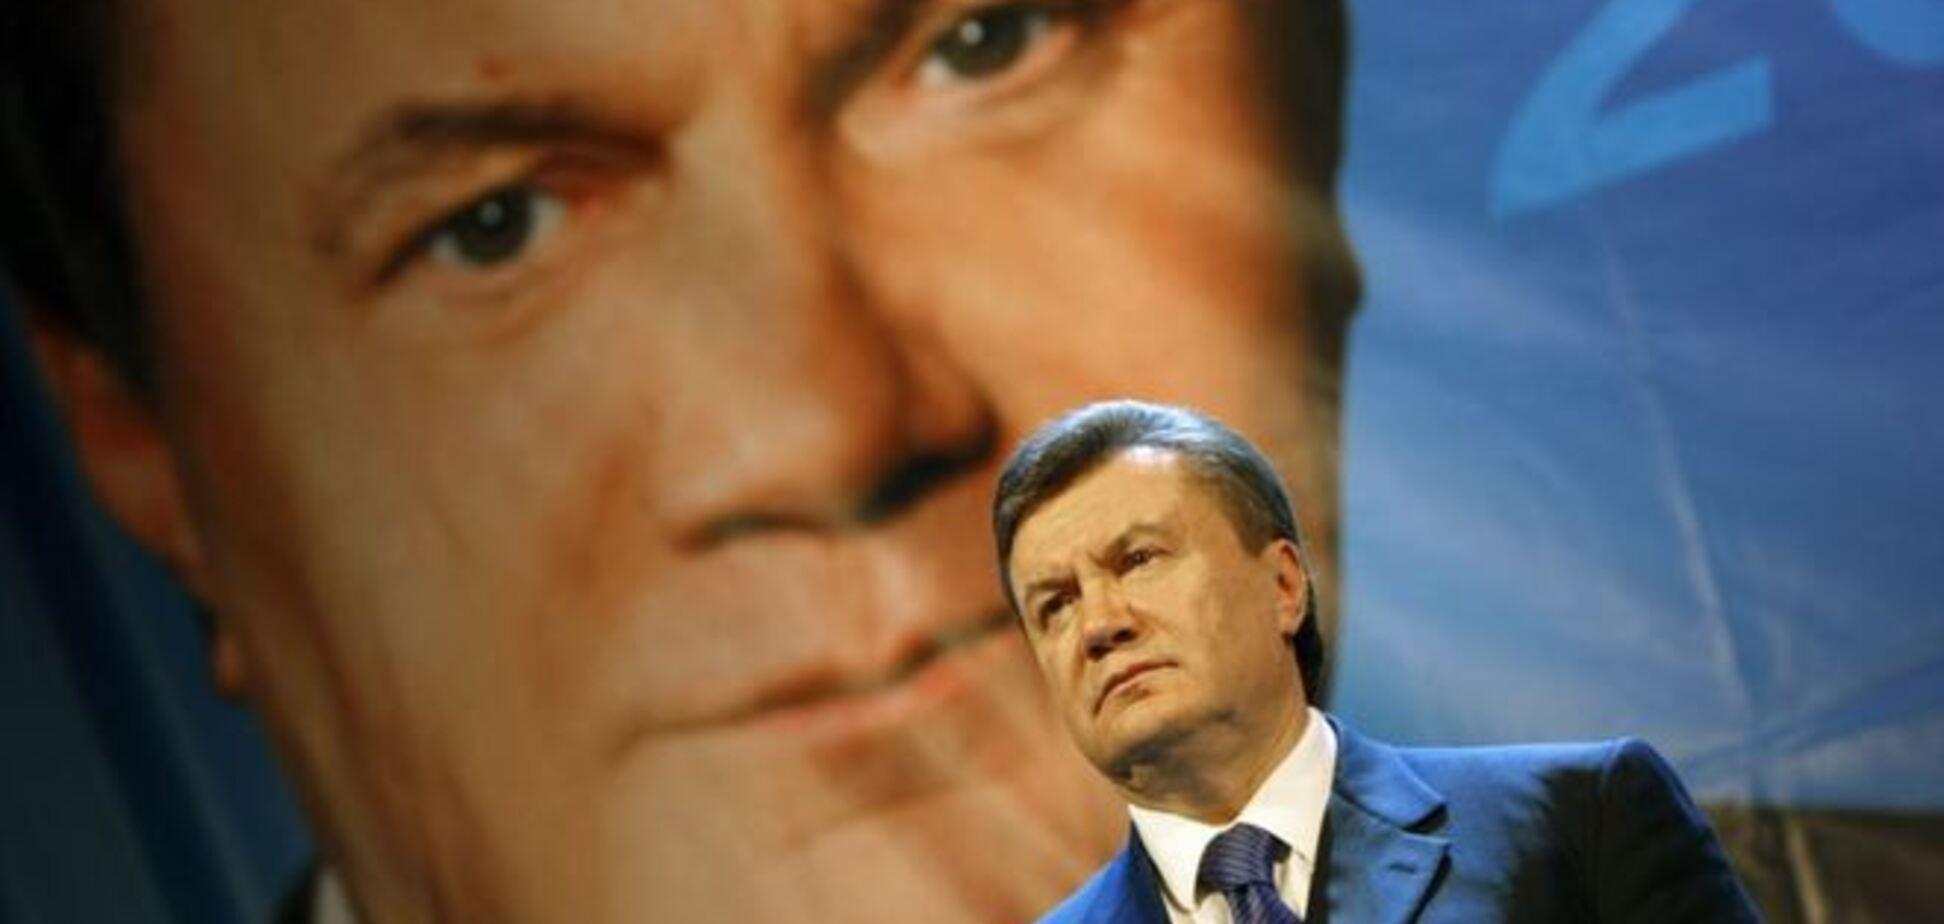 Янукович, как Майкл Джексон, заботился о красоте и спал в барокамере